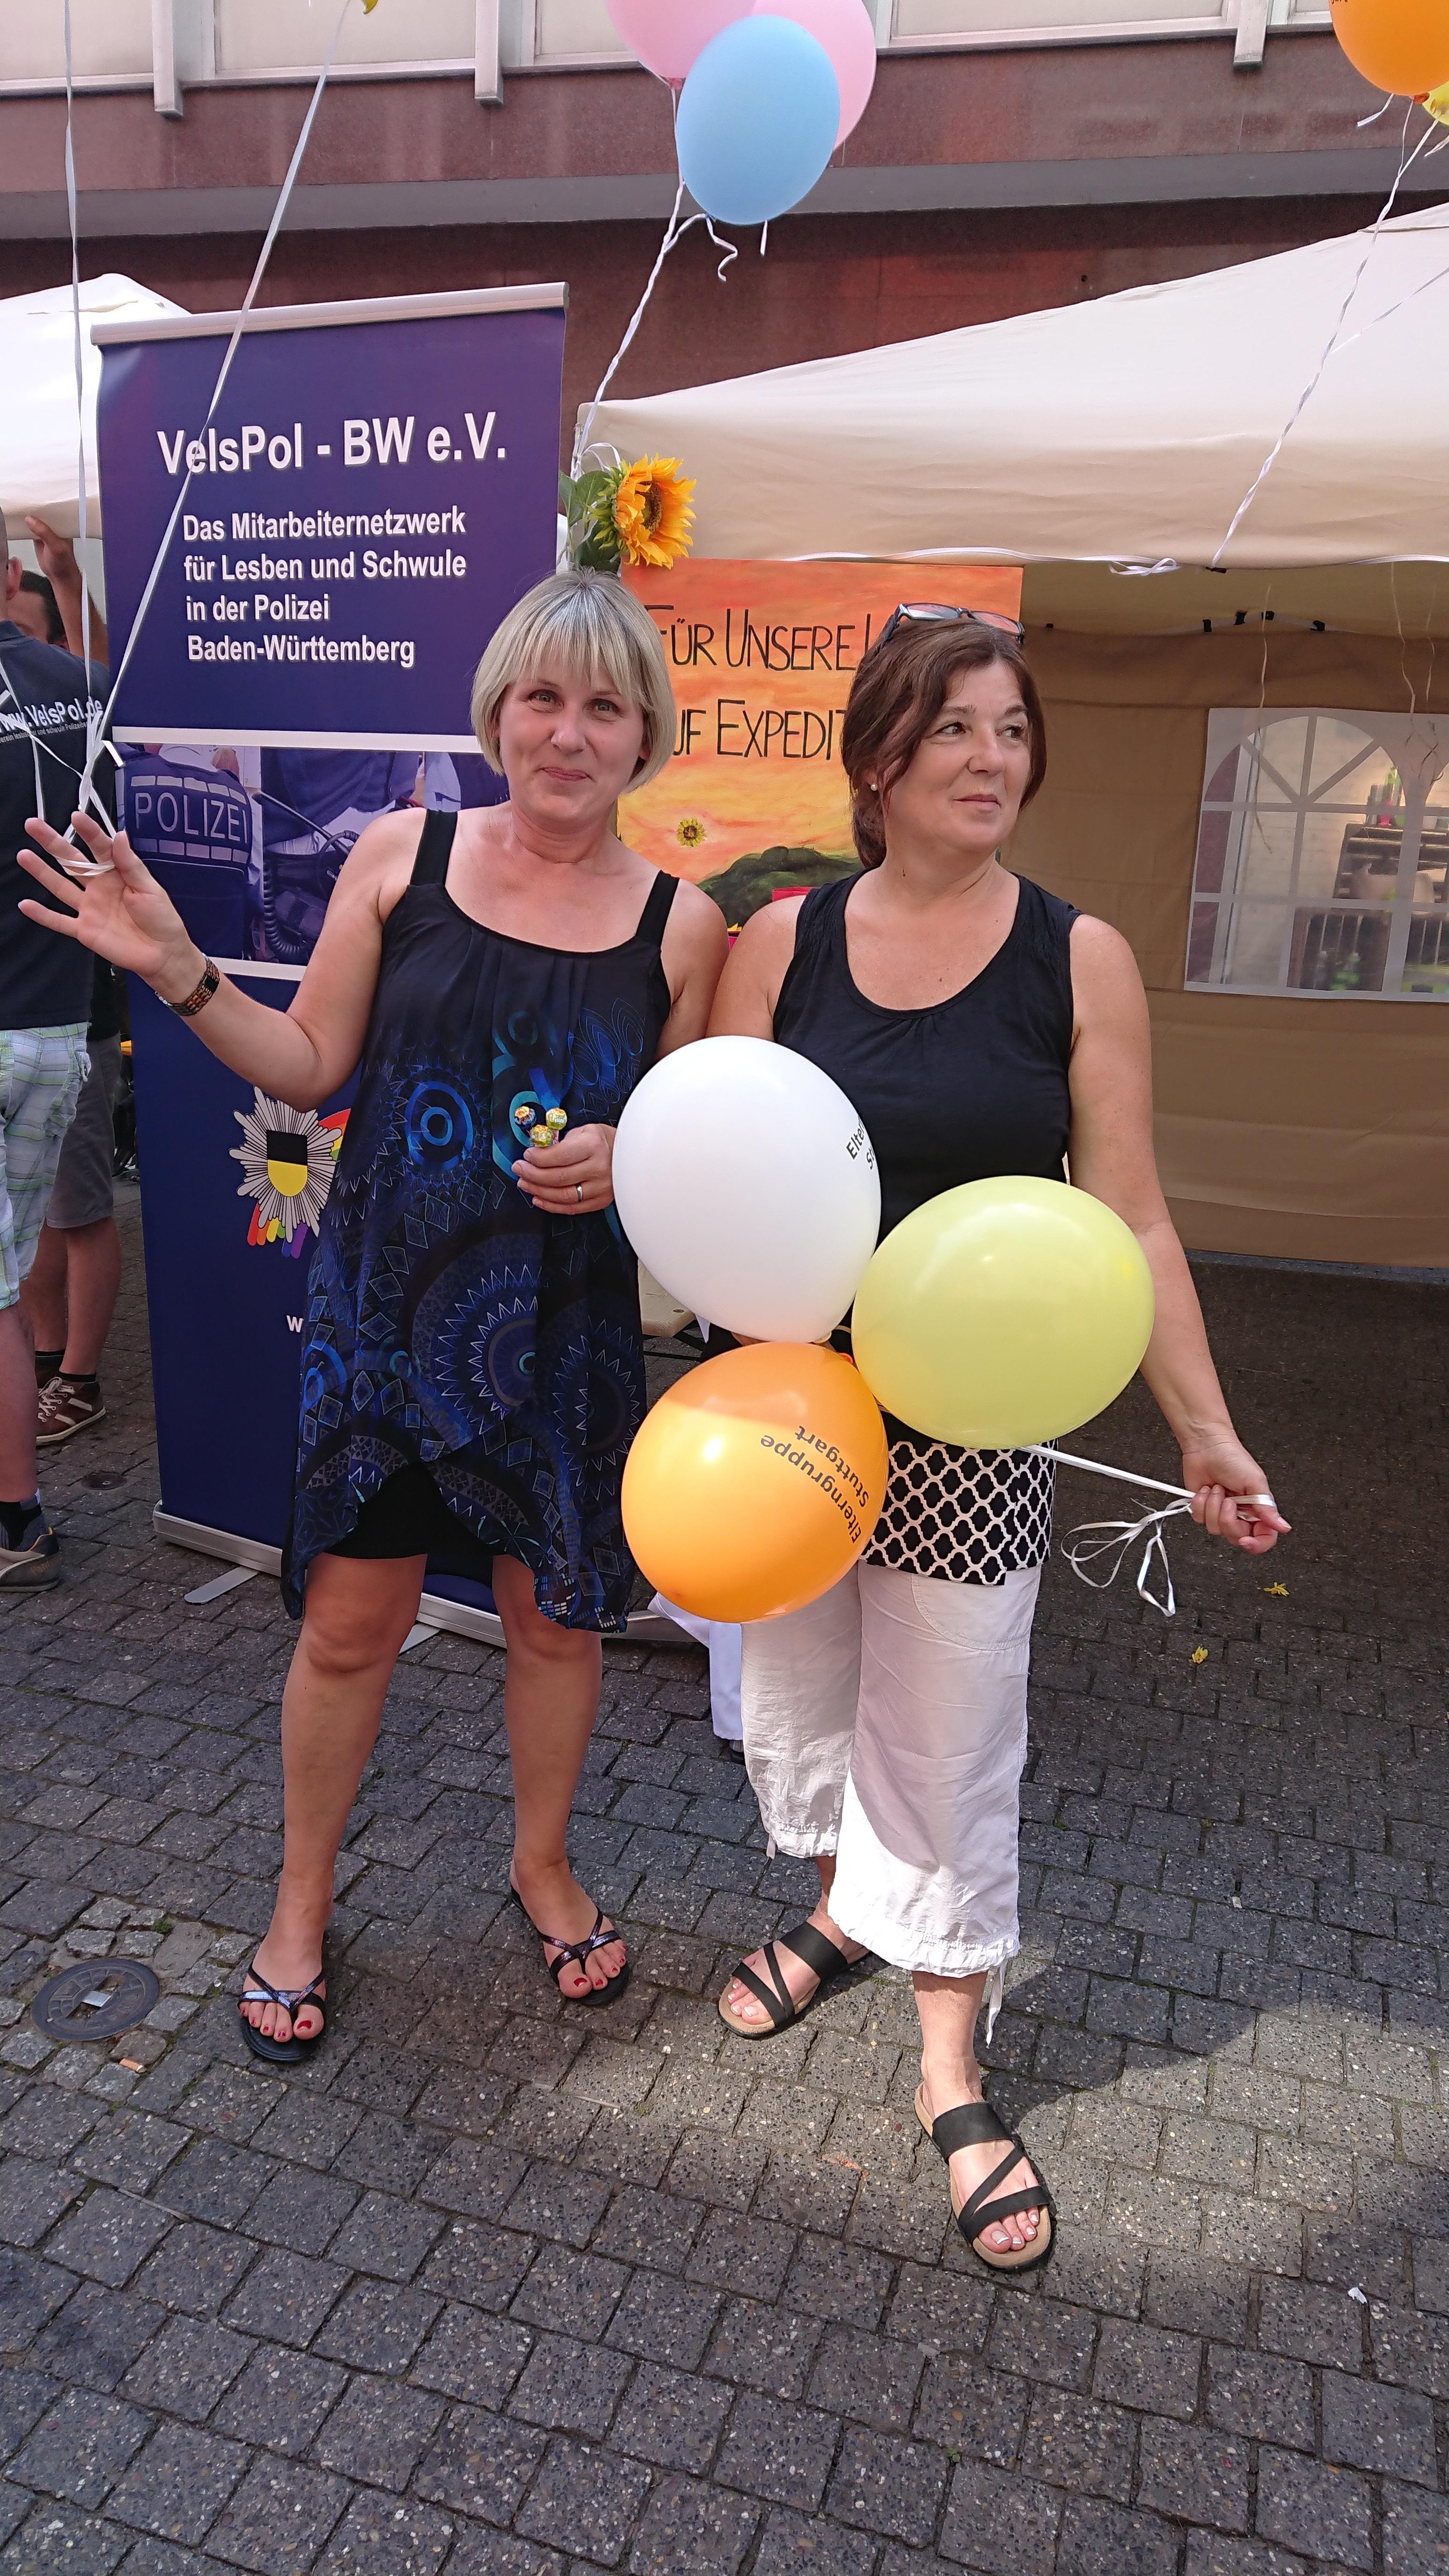 2018-07-11_Luftballonaktion-am-Infostand-der-Elterngruppe